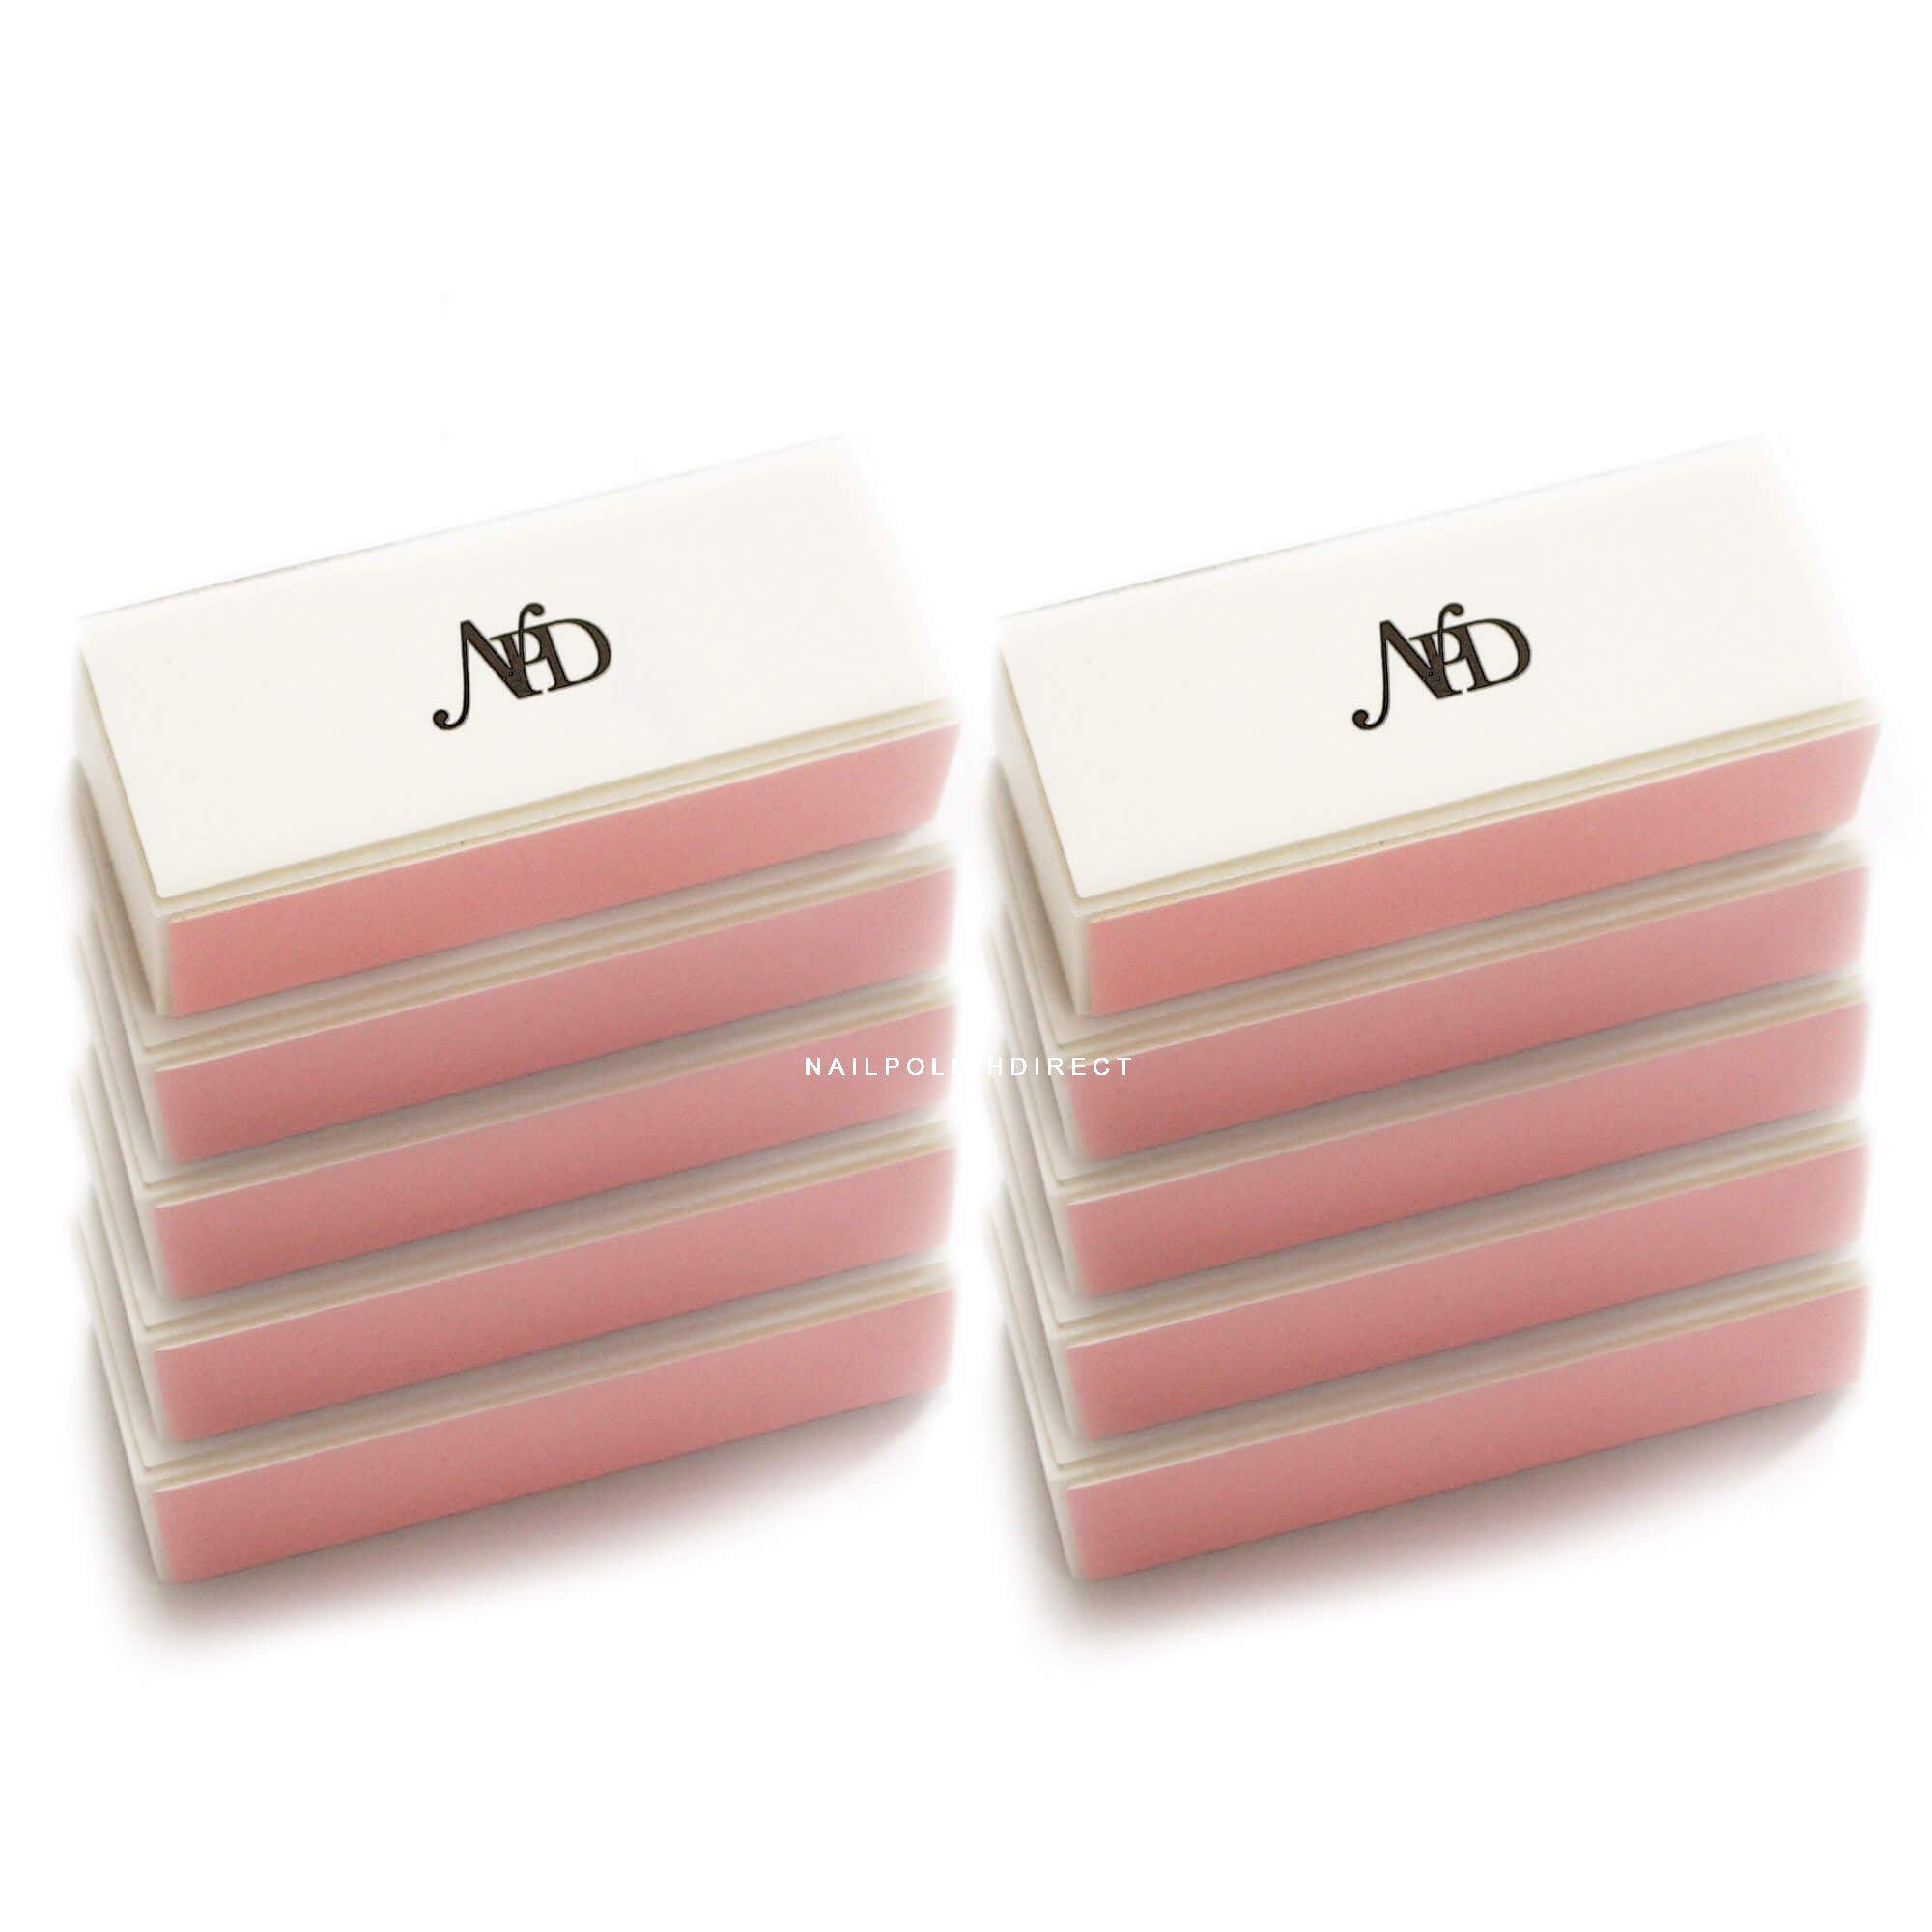 Nail Polish Direct White & Pink 4 Way Block Nail File (Pack Of 10)